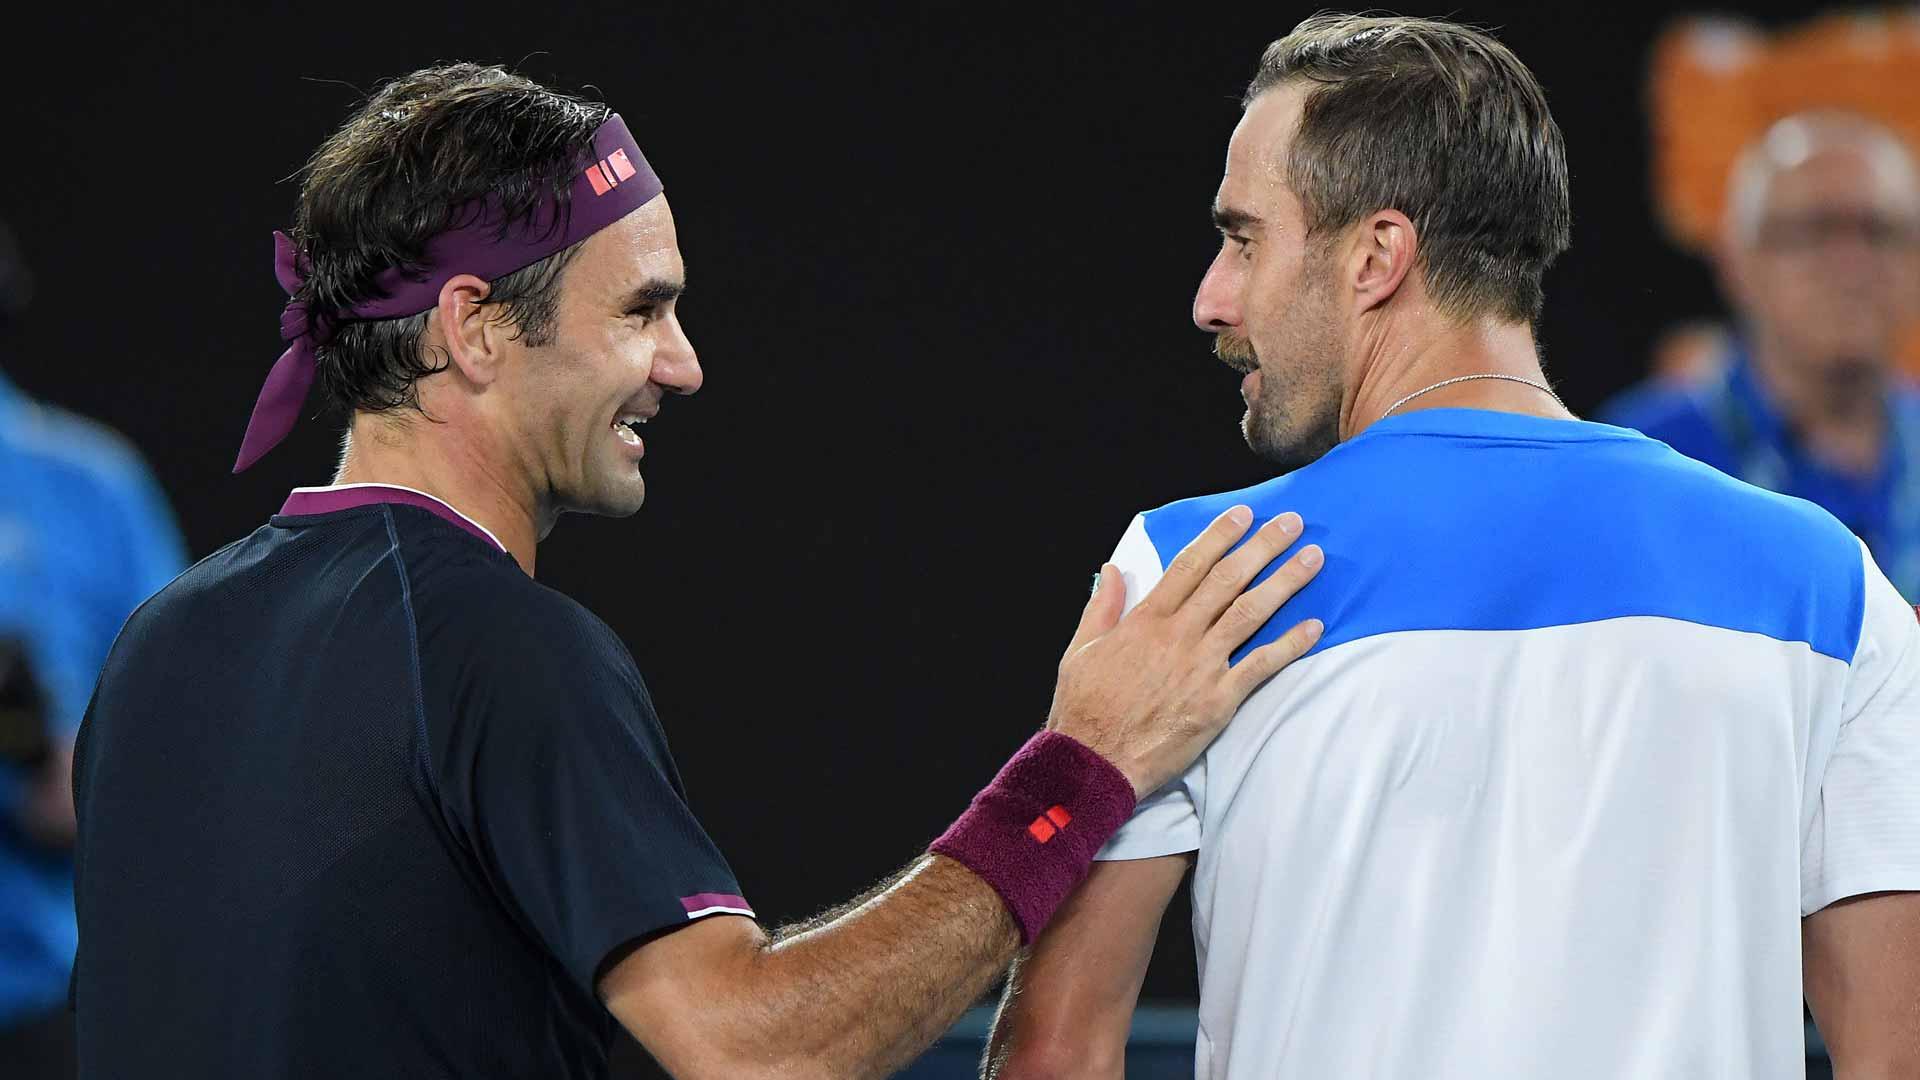 Australian Open Steve Johnson On Roger Federer He Kind